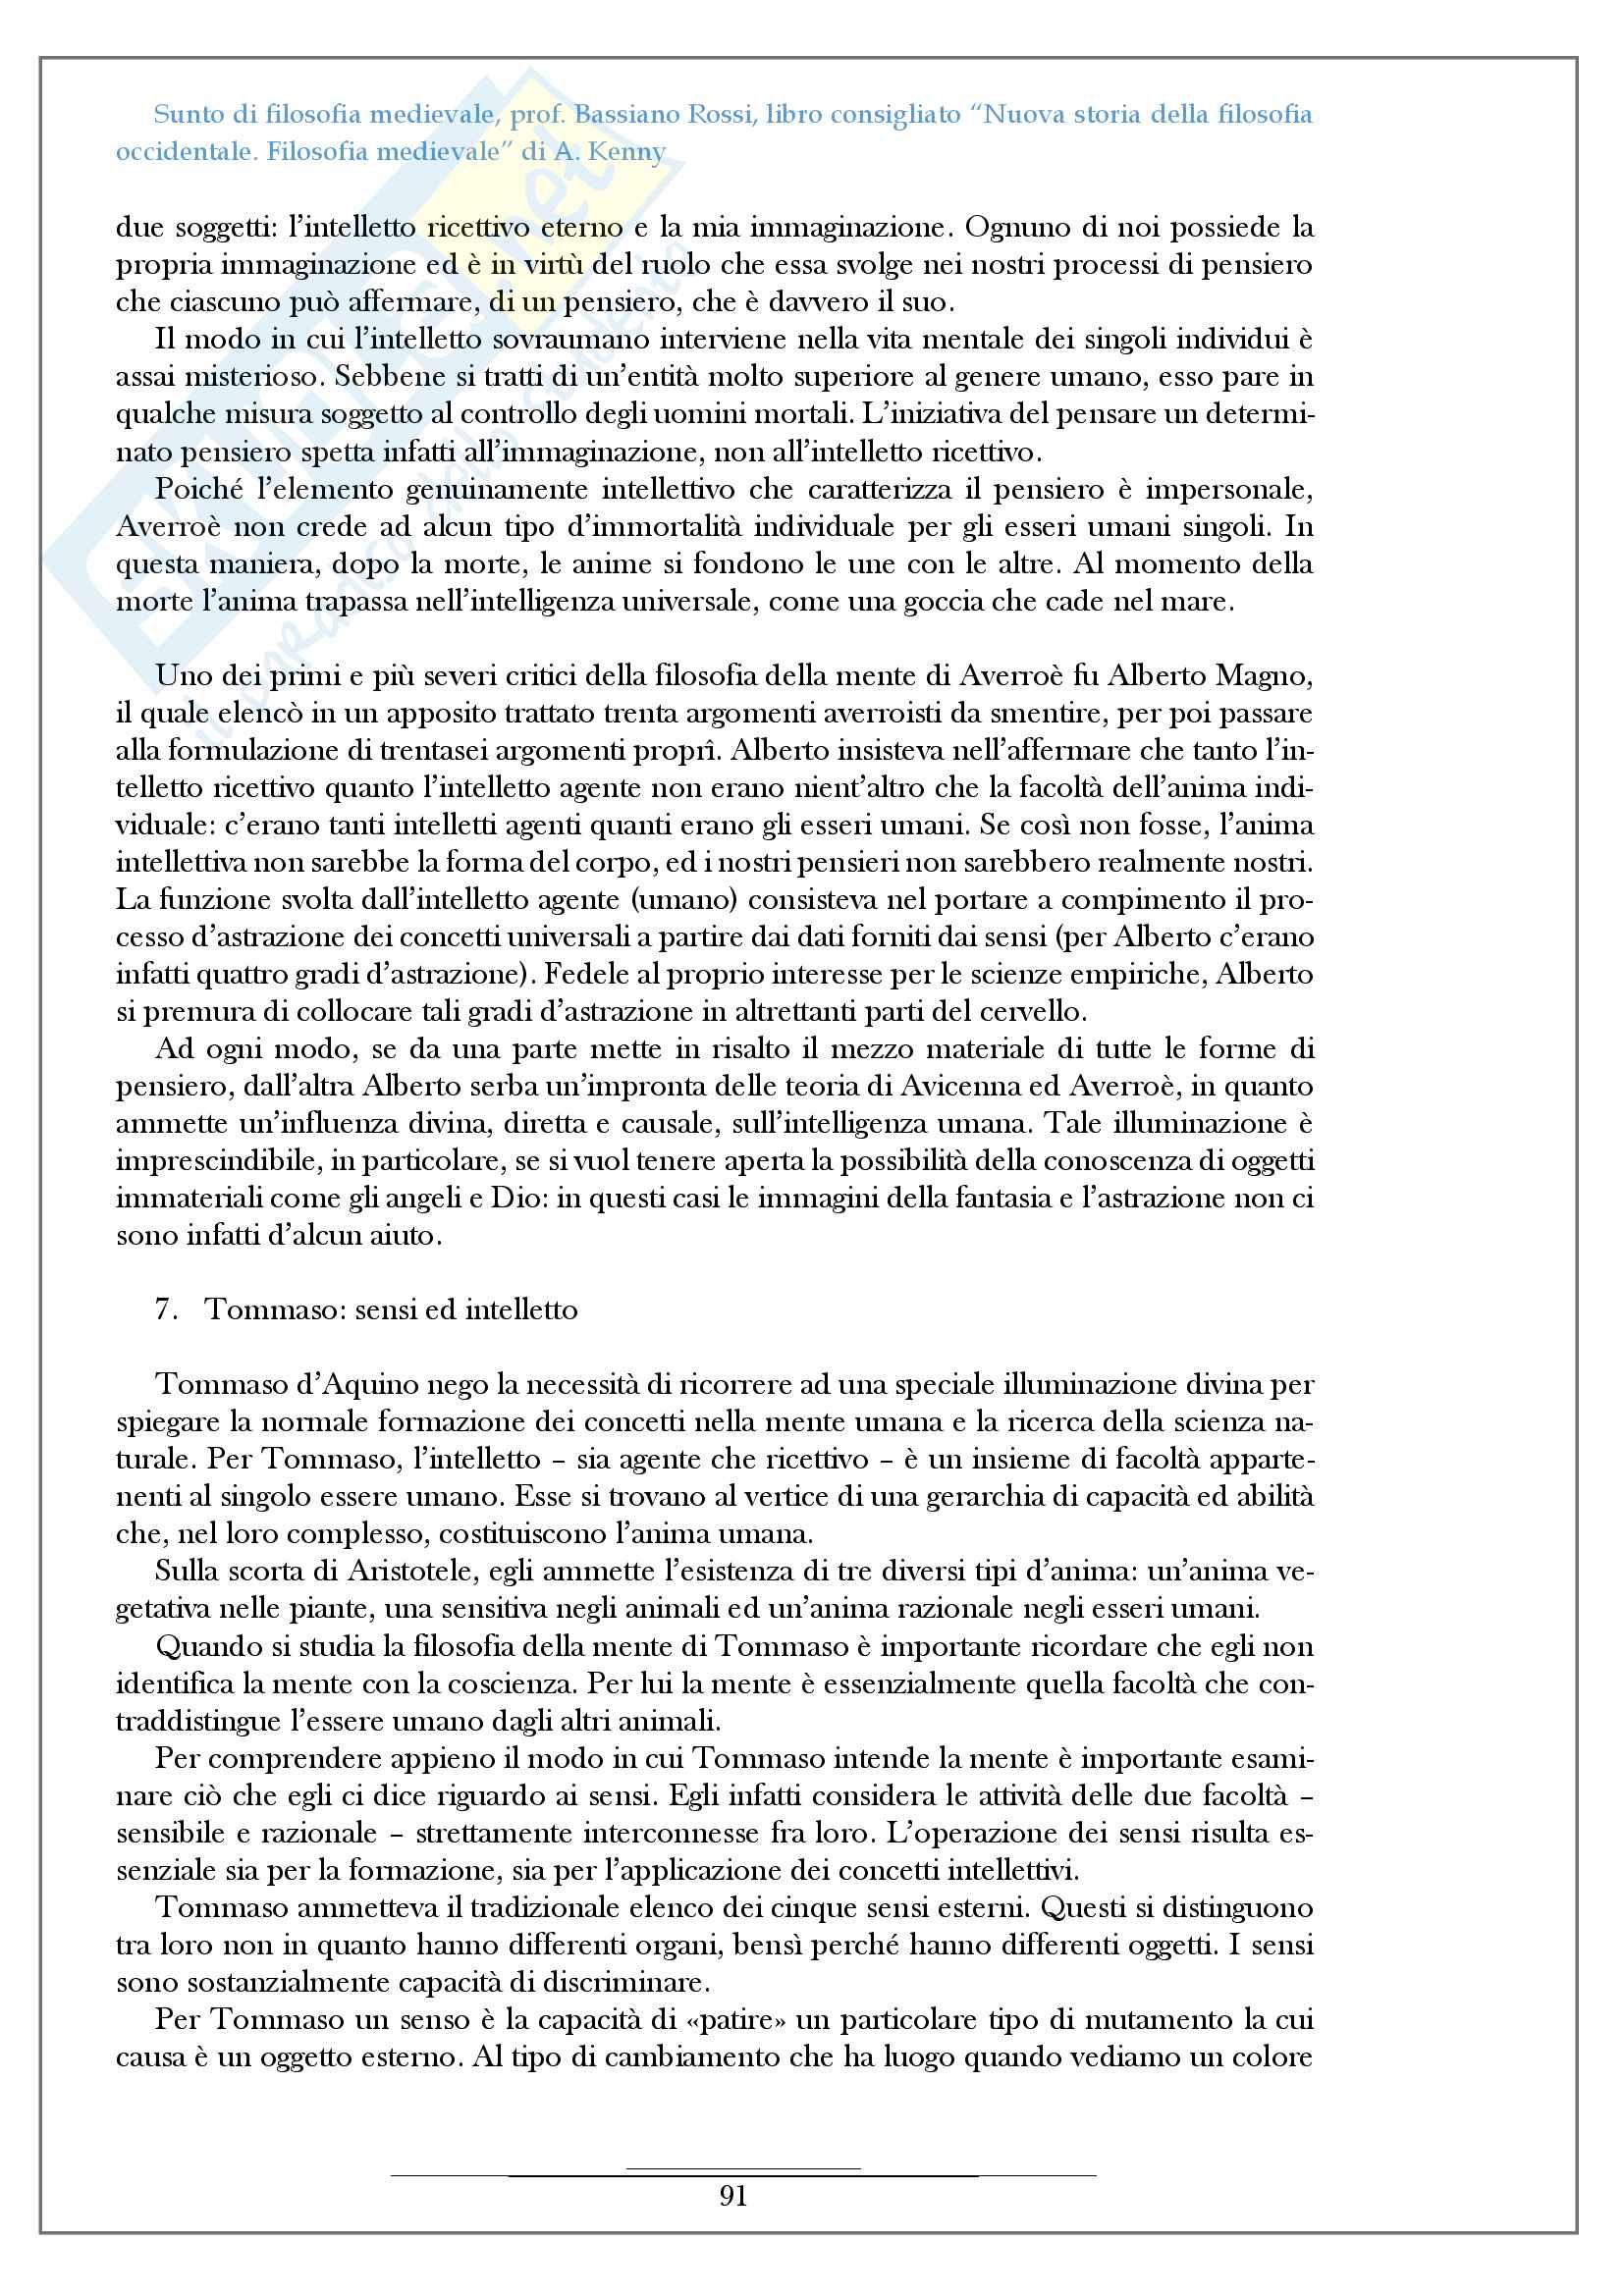 Riassunto esame filosofia medievale, prof Bassiano Rossi, libro consigliato Nuova storia della filosofia occidentale Filosofia medievale di A Kenny Pag. 91